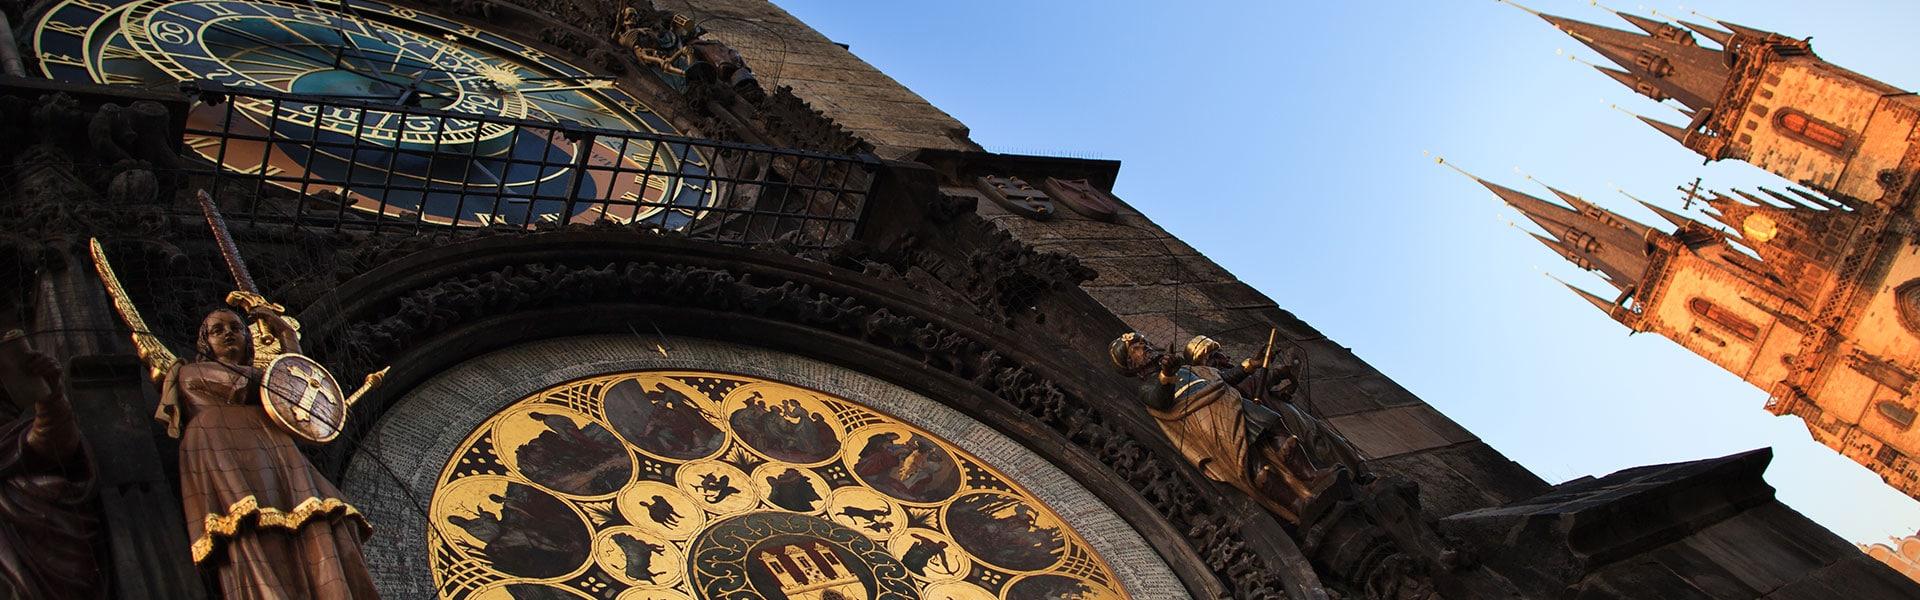 Städtetrip Prag und Prunk mit der Firma entdecken | b-ceed eventagentur